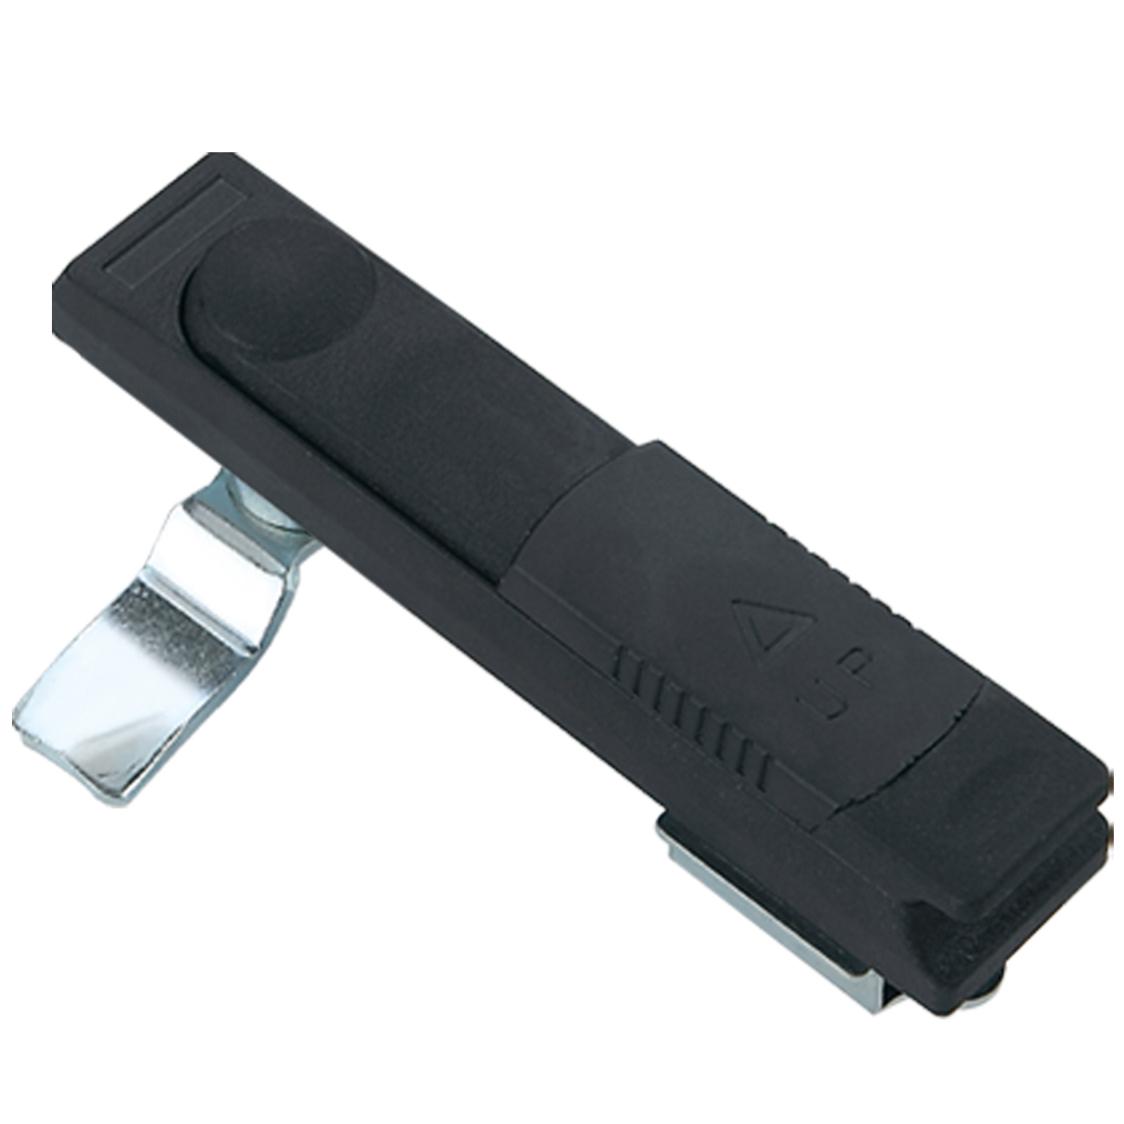 China Manufacturer Zinc Alloy Rod Control Lock Connecting Lock ZHEJIANG ZHONGZHENG LOCK INDUSTRY CO.,LTD